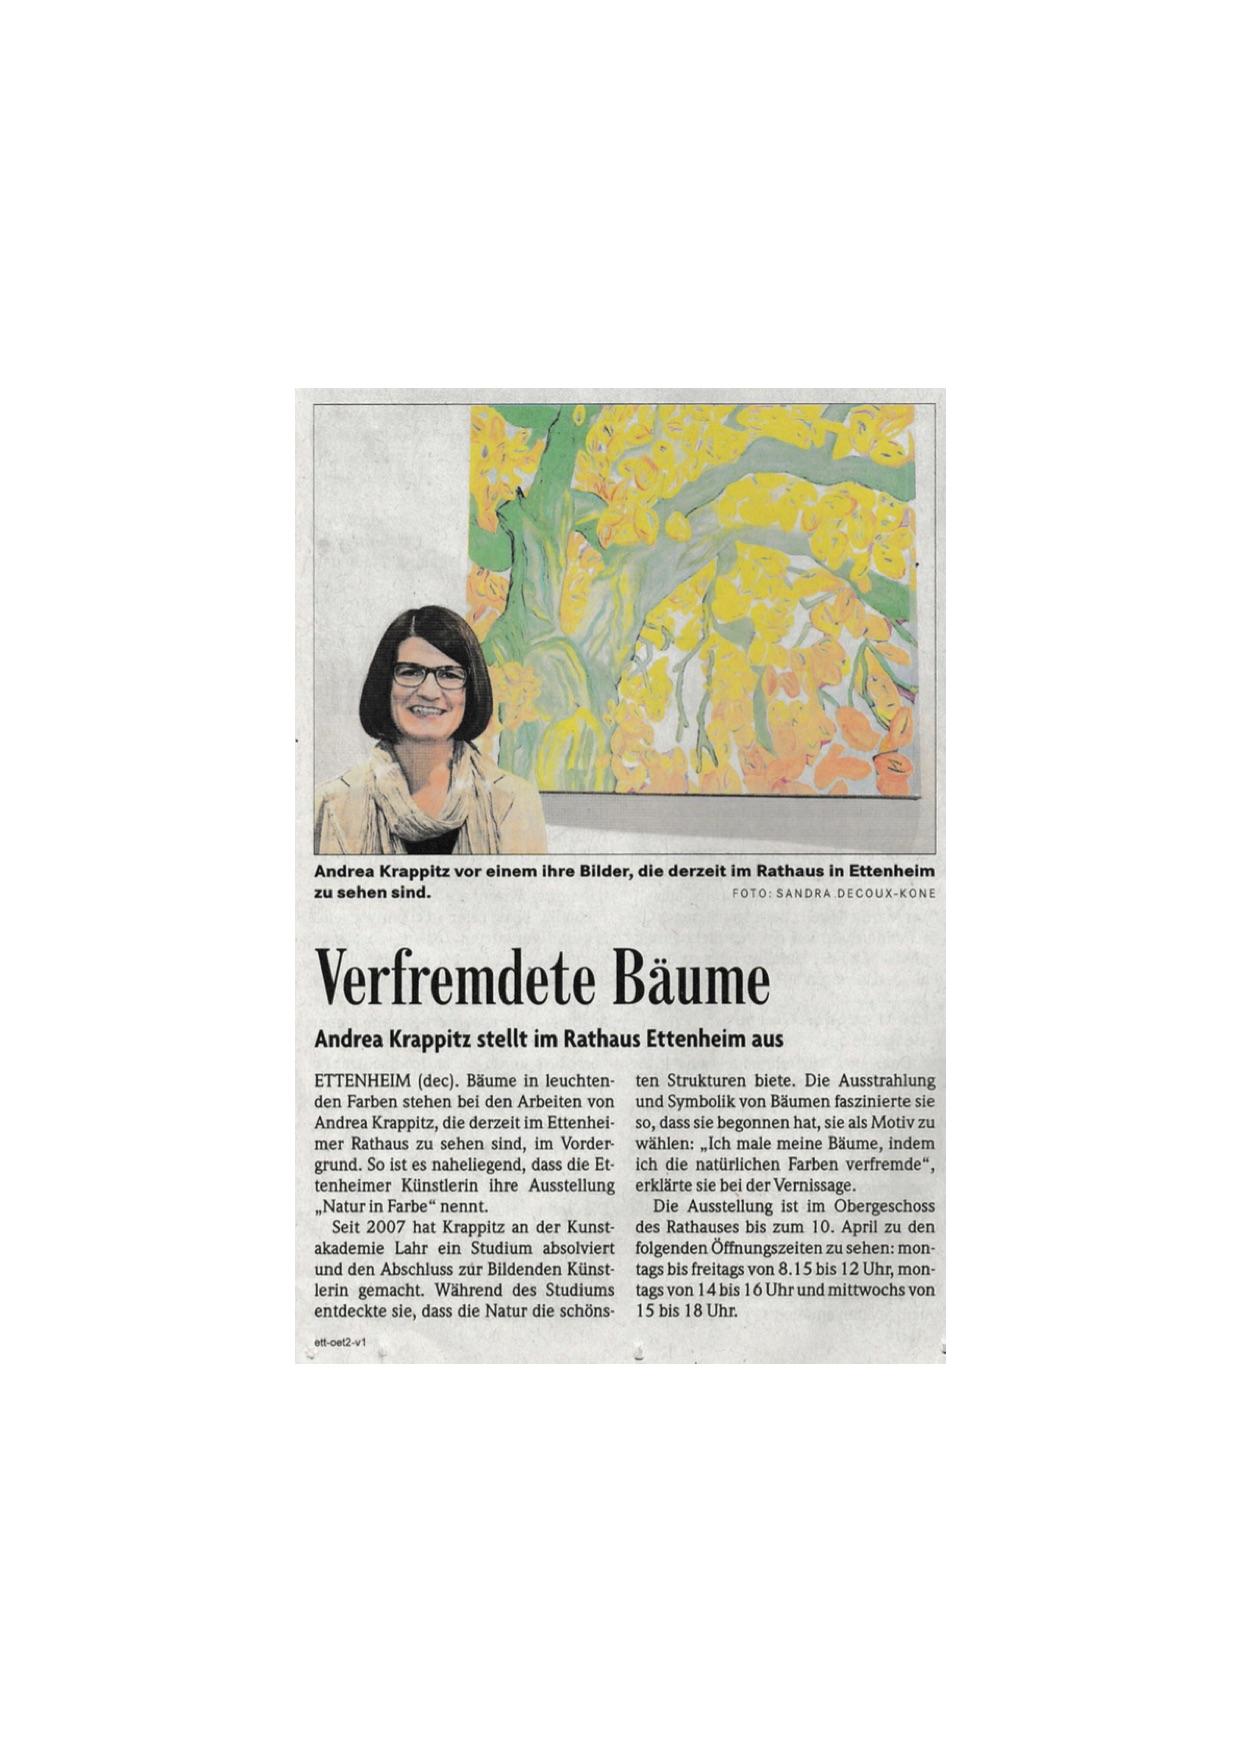 Badische Zeitung 01/2015